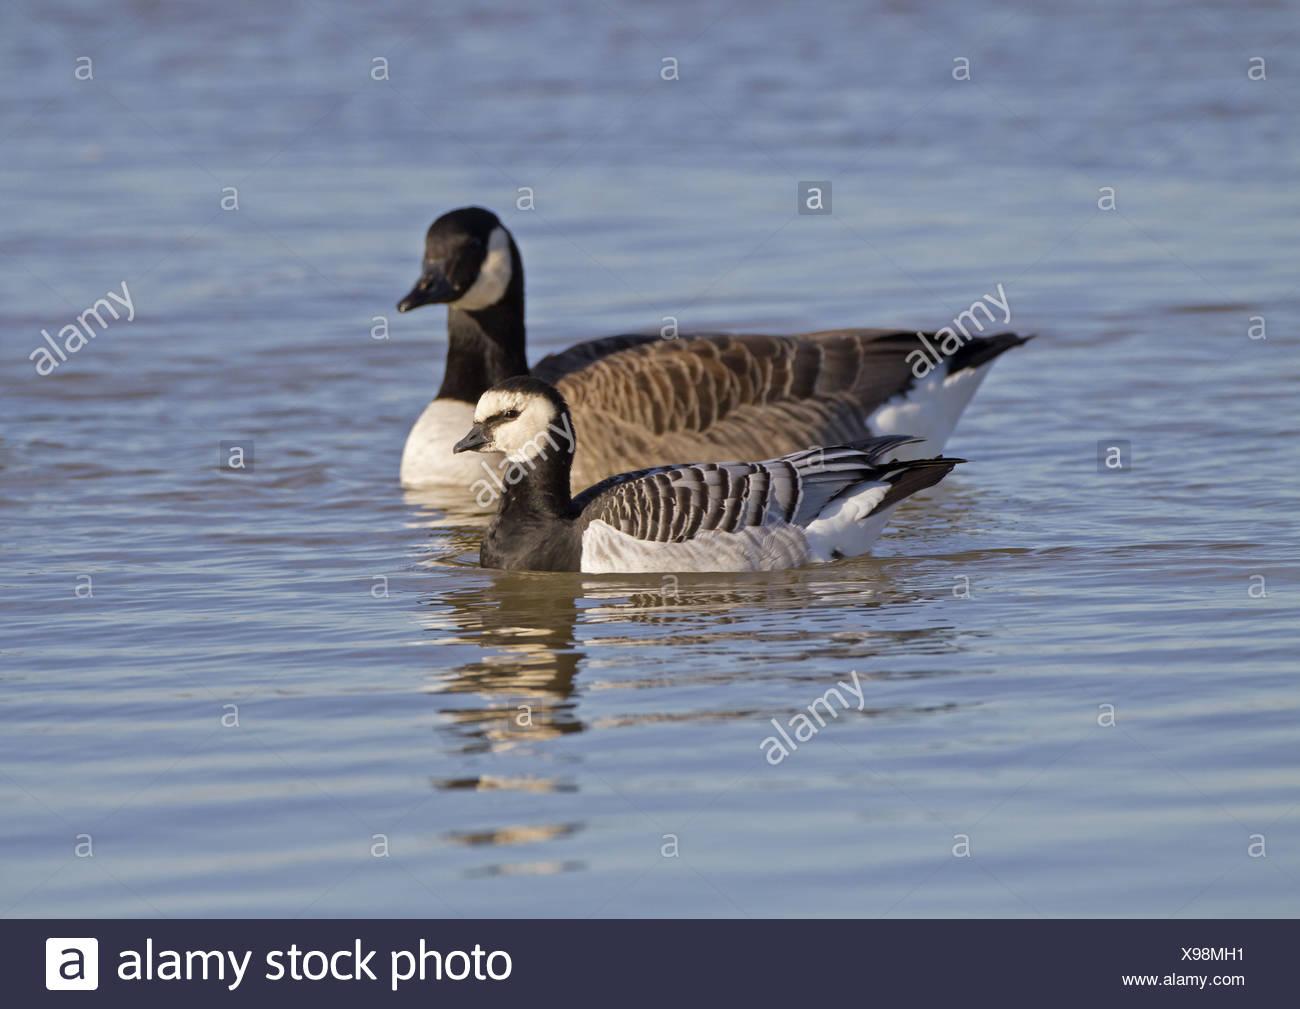 canada goose size comparison